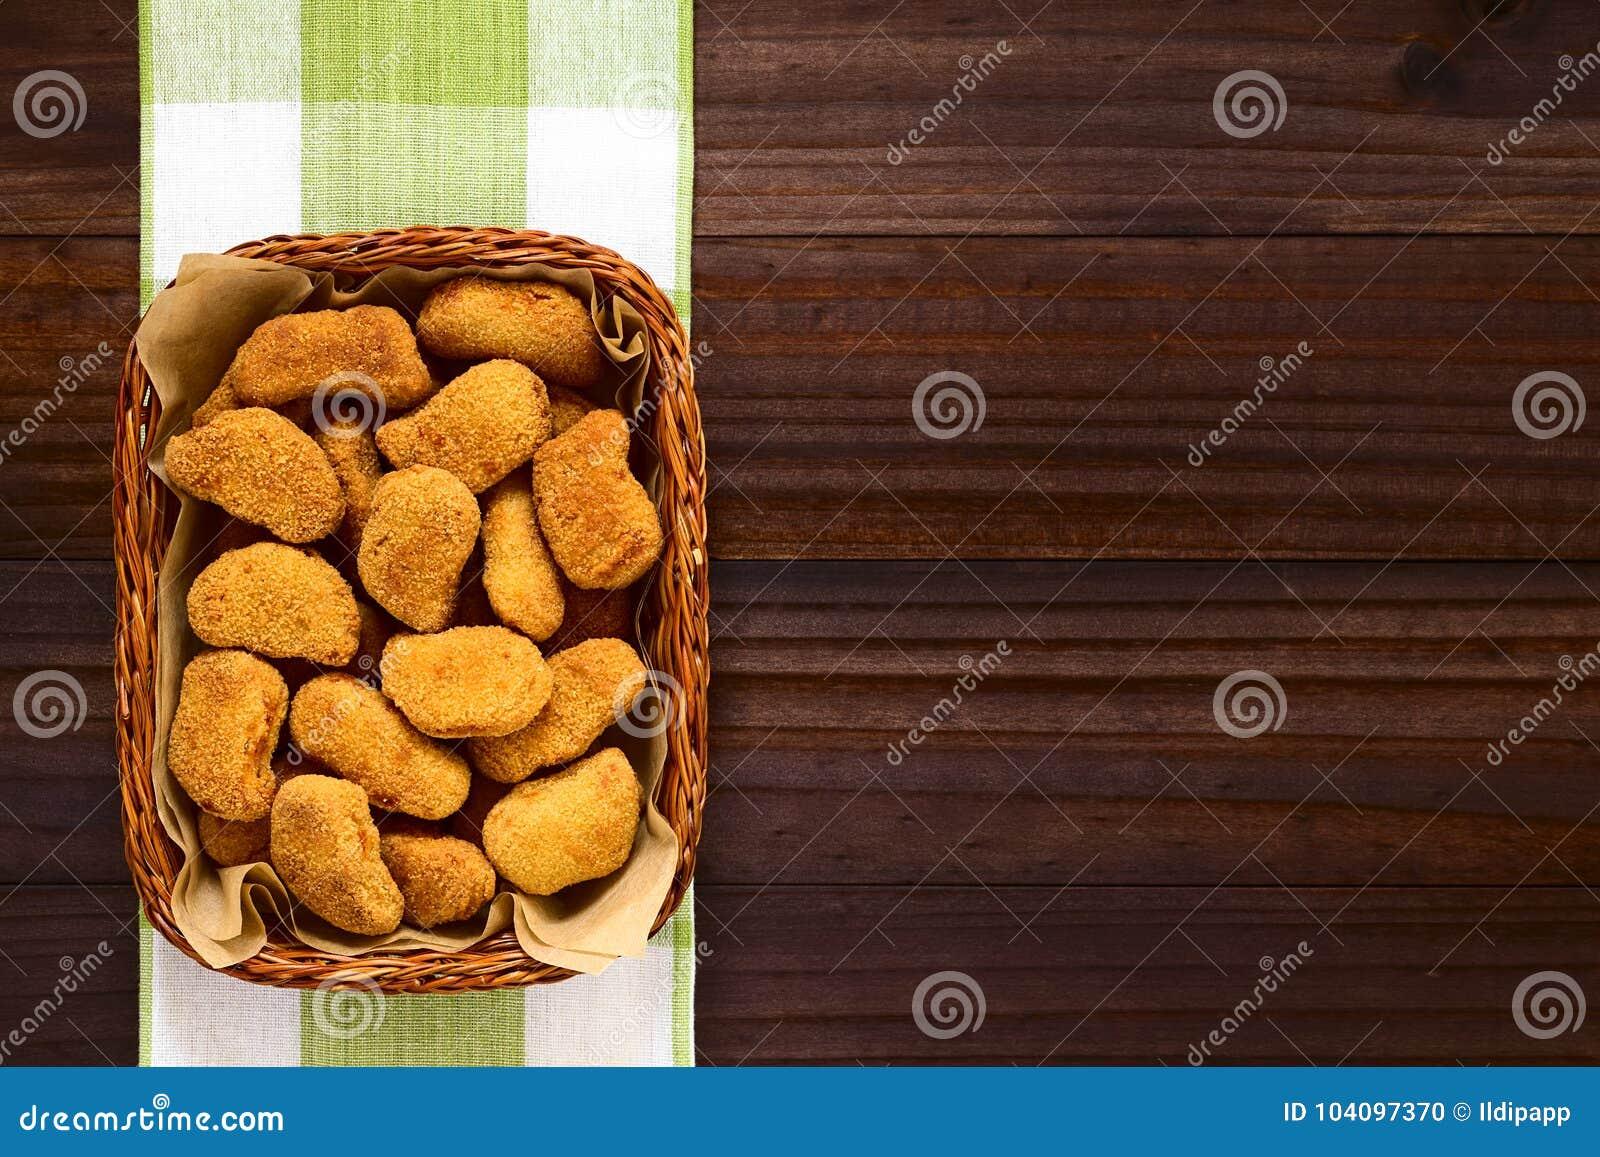 Fried Breaded Crispy Chicken Nuggets